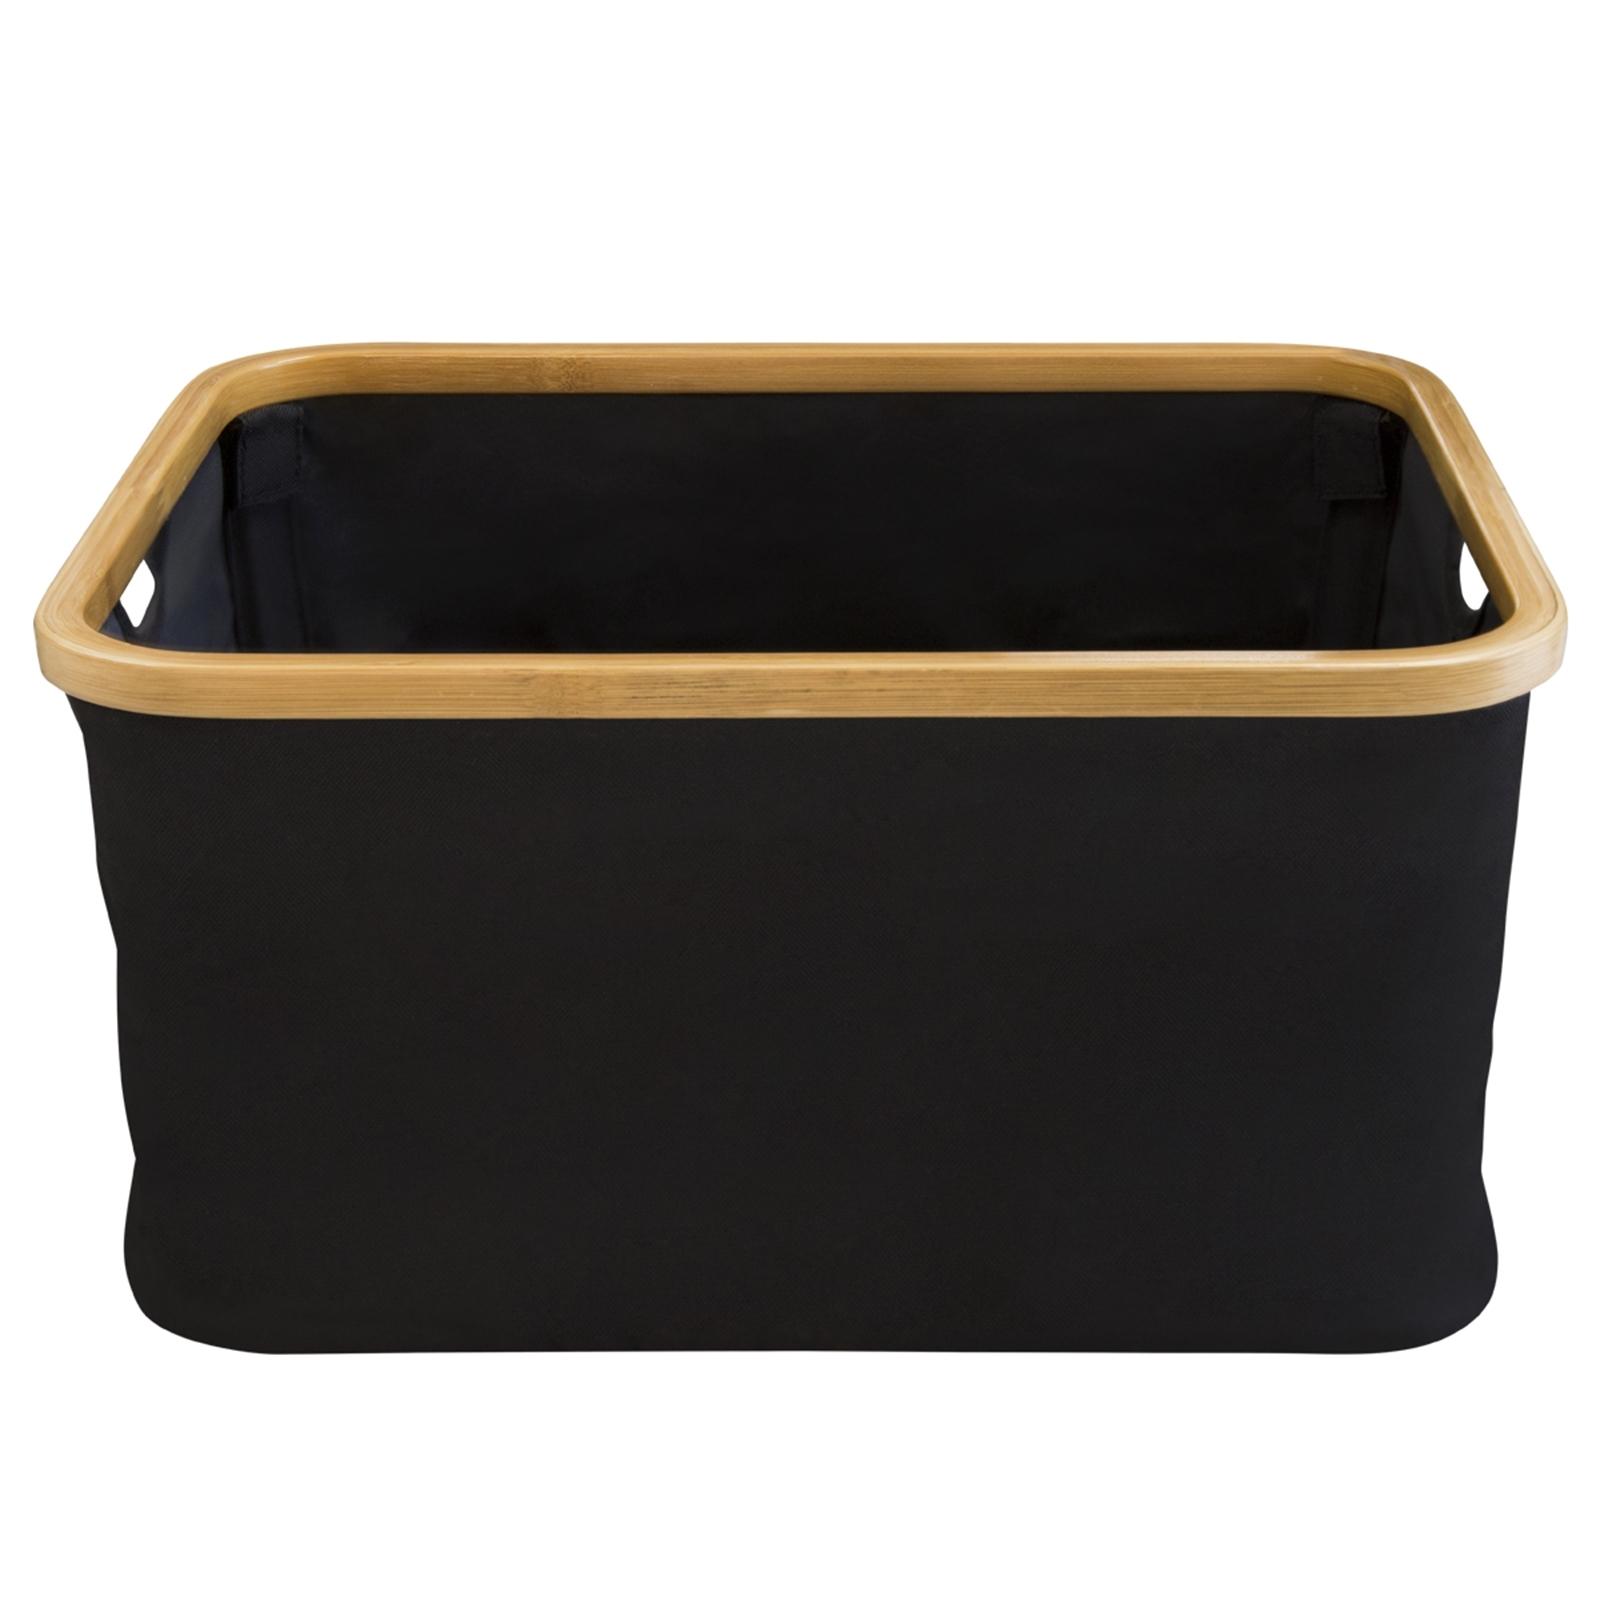 Hills Foldable Bamboo Laundry Basket - Black